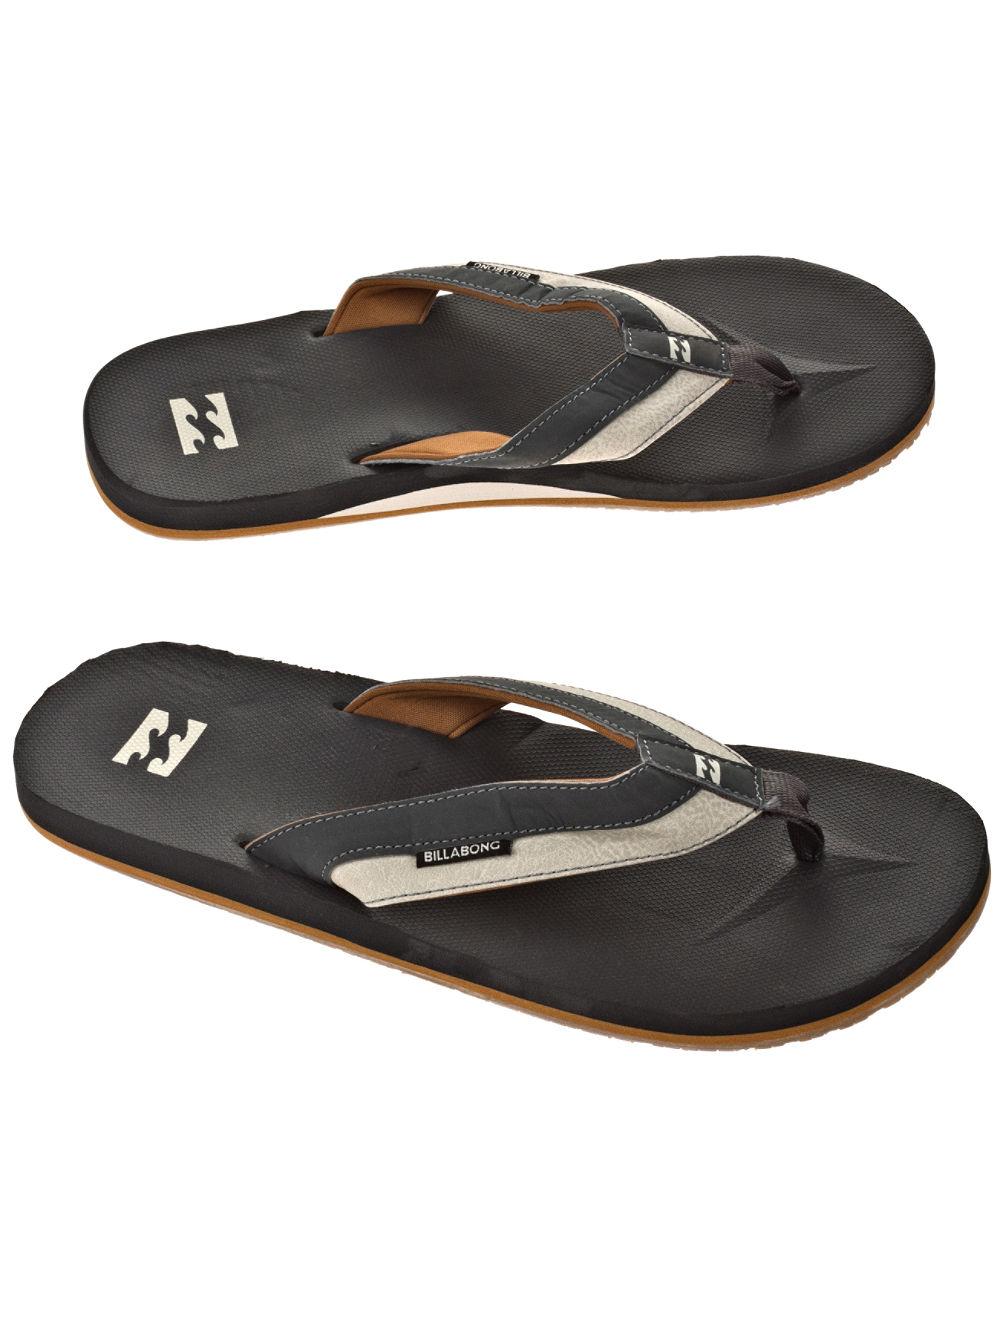 billabong-all-day-impact-sandals